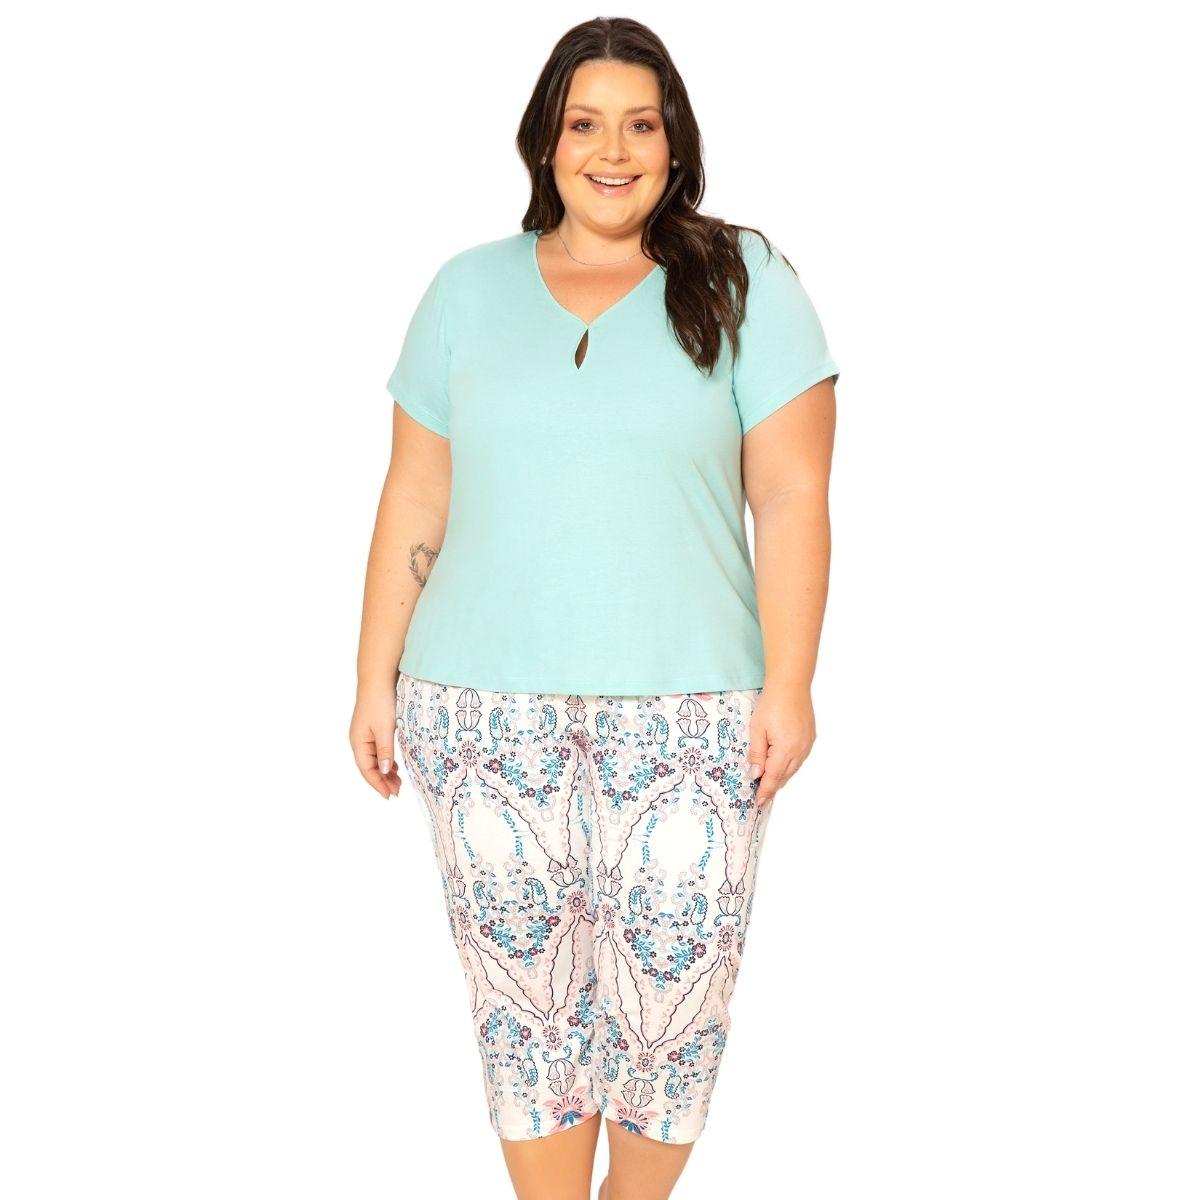 Pijama feminino meia estação plus size calça capri